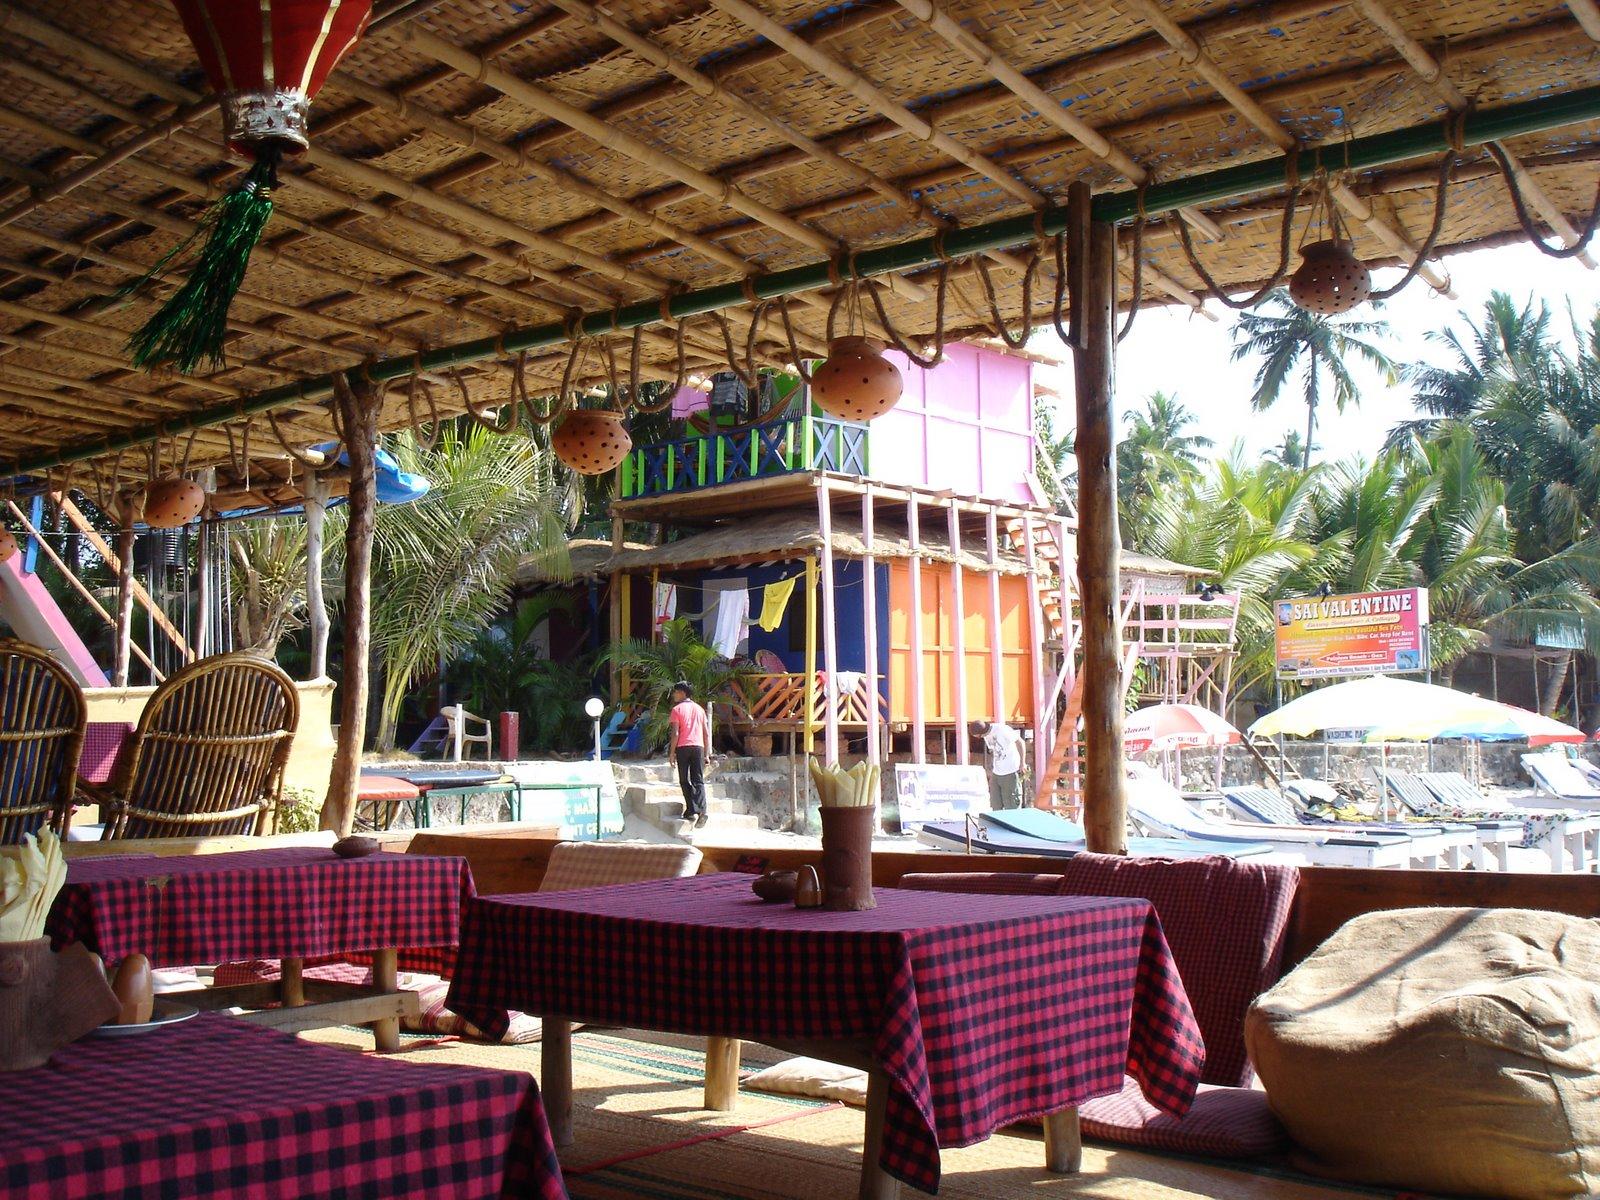 Goa Beach Resorts, oppdage Resorts i Goa, Strand hytter, Hytter i Goa, Leiligheter i Goa Stranden,